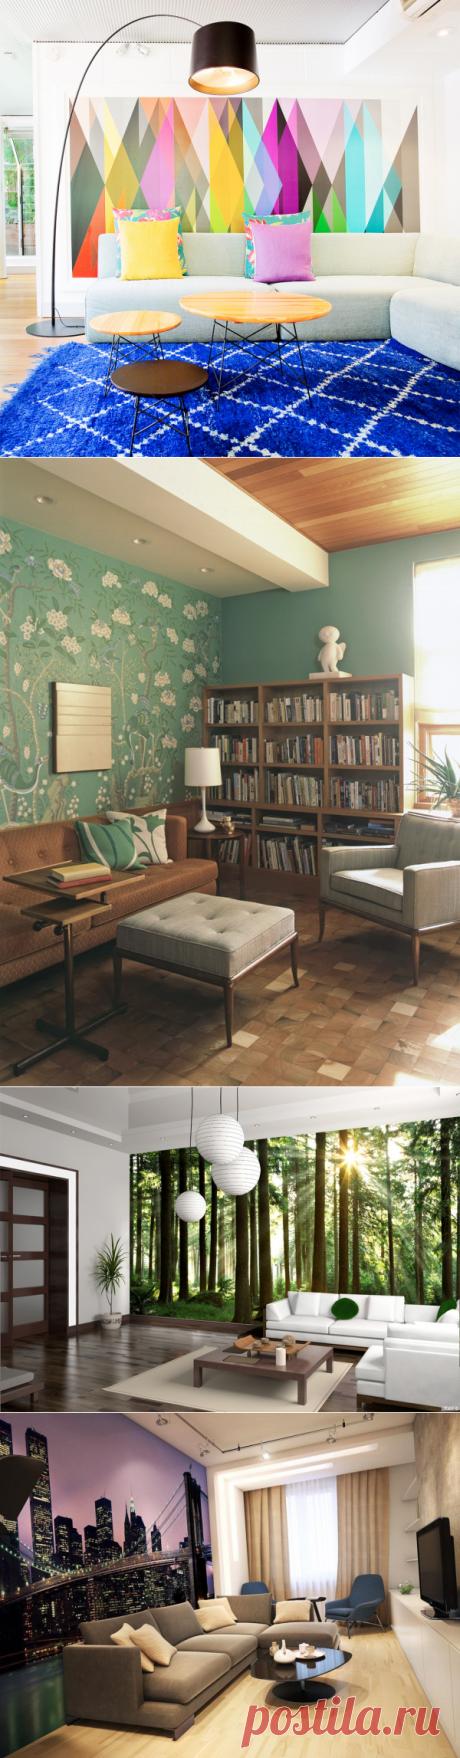 В границах уюта и стиля: обои в гостиную – как выбрать правильно — Дом и Сад